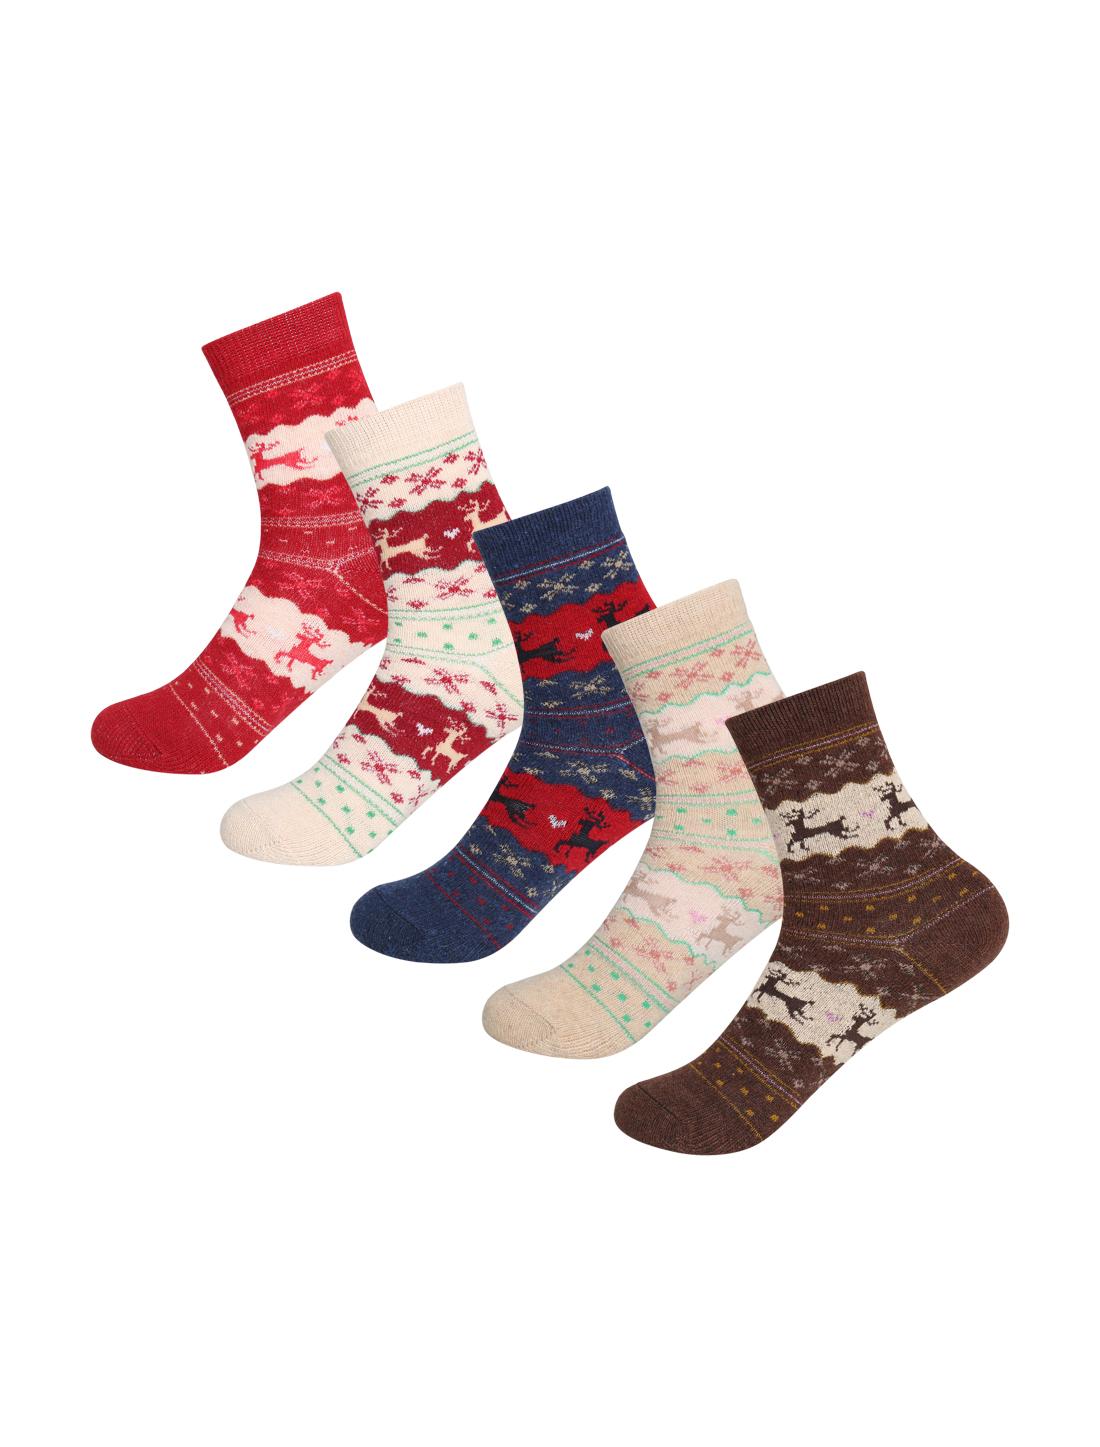 Women 5 Pack Christmas Deer Pattern Crew Socks 7-9 Assorted-Deer